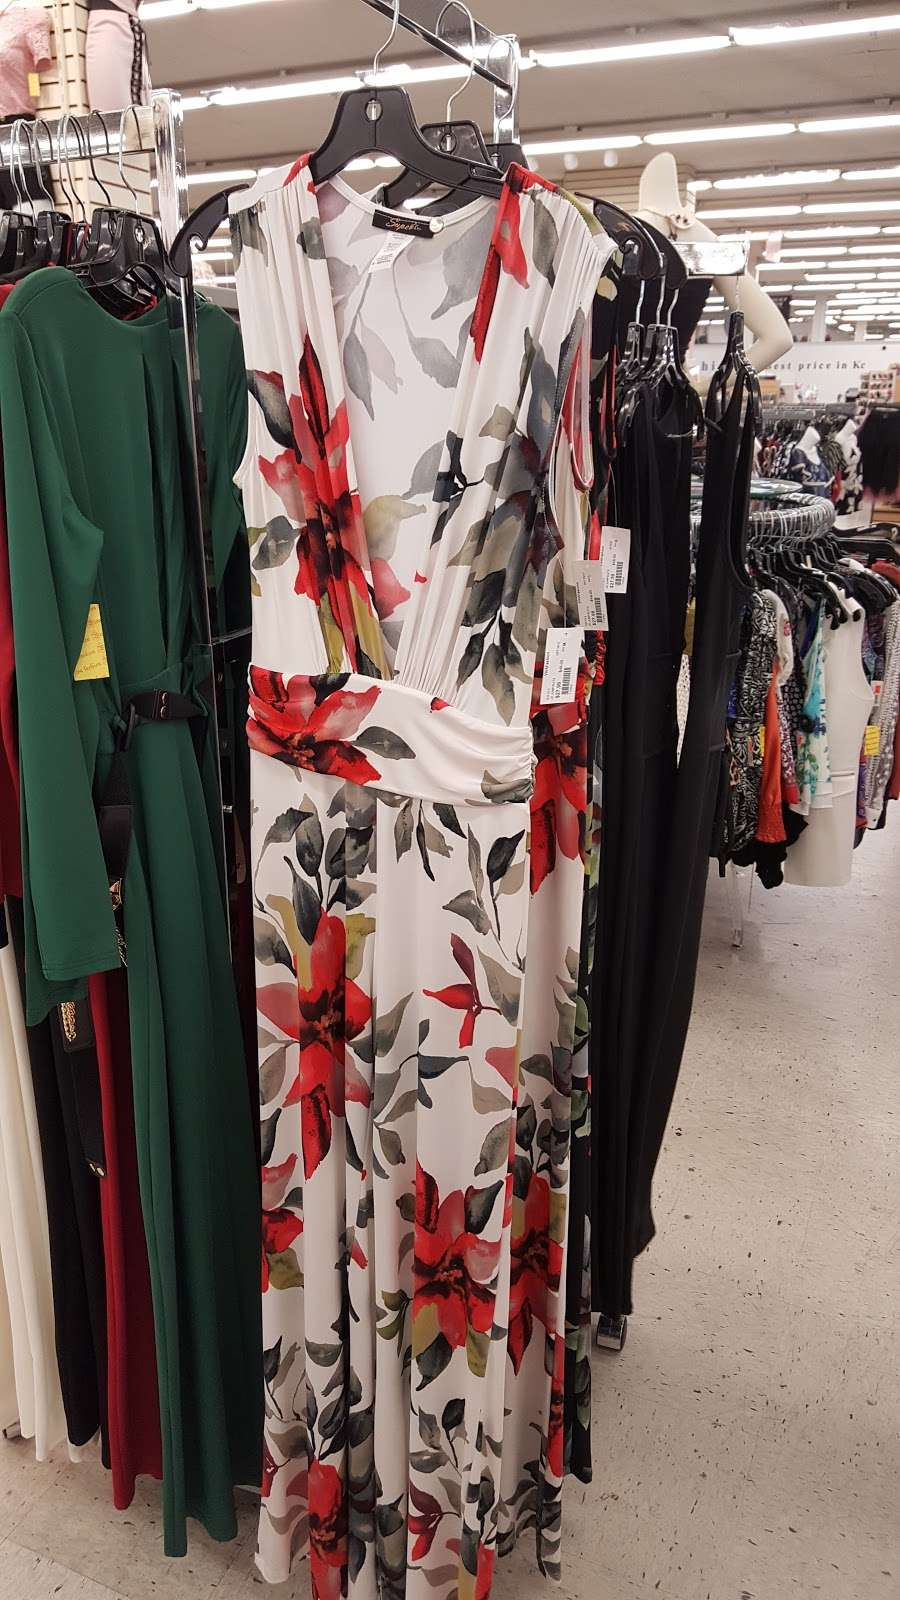 Viva Fashion Mart - clothing store  | Photo 7 of 10 | Address: 4305 State Ave, Kansas City, KS 66102, USA | Phone: (913) 287-8008